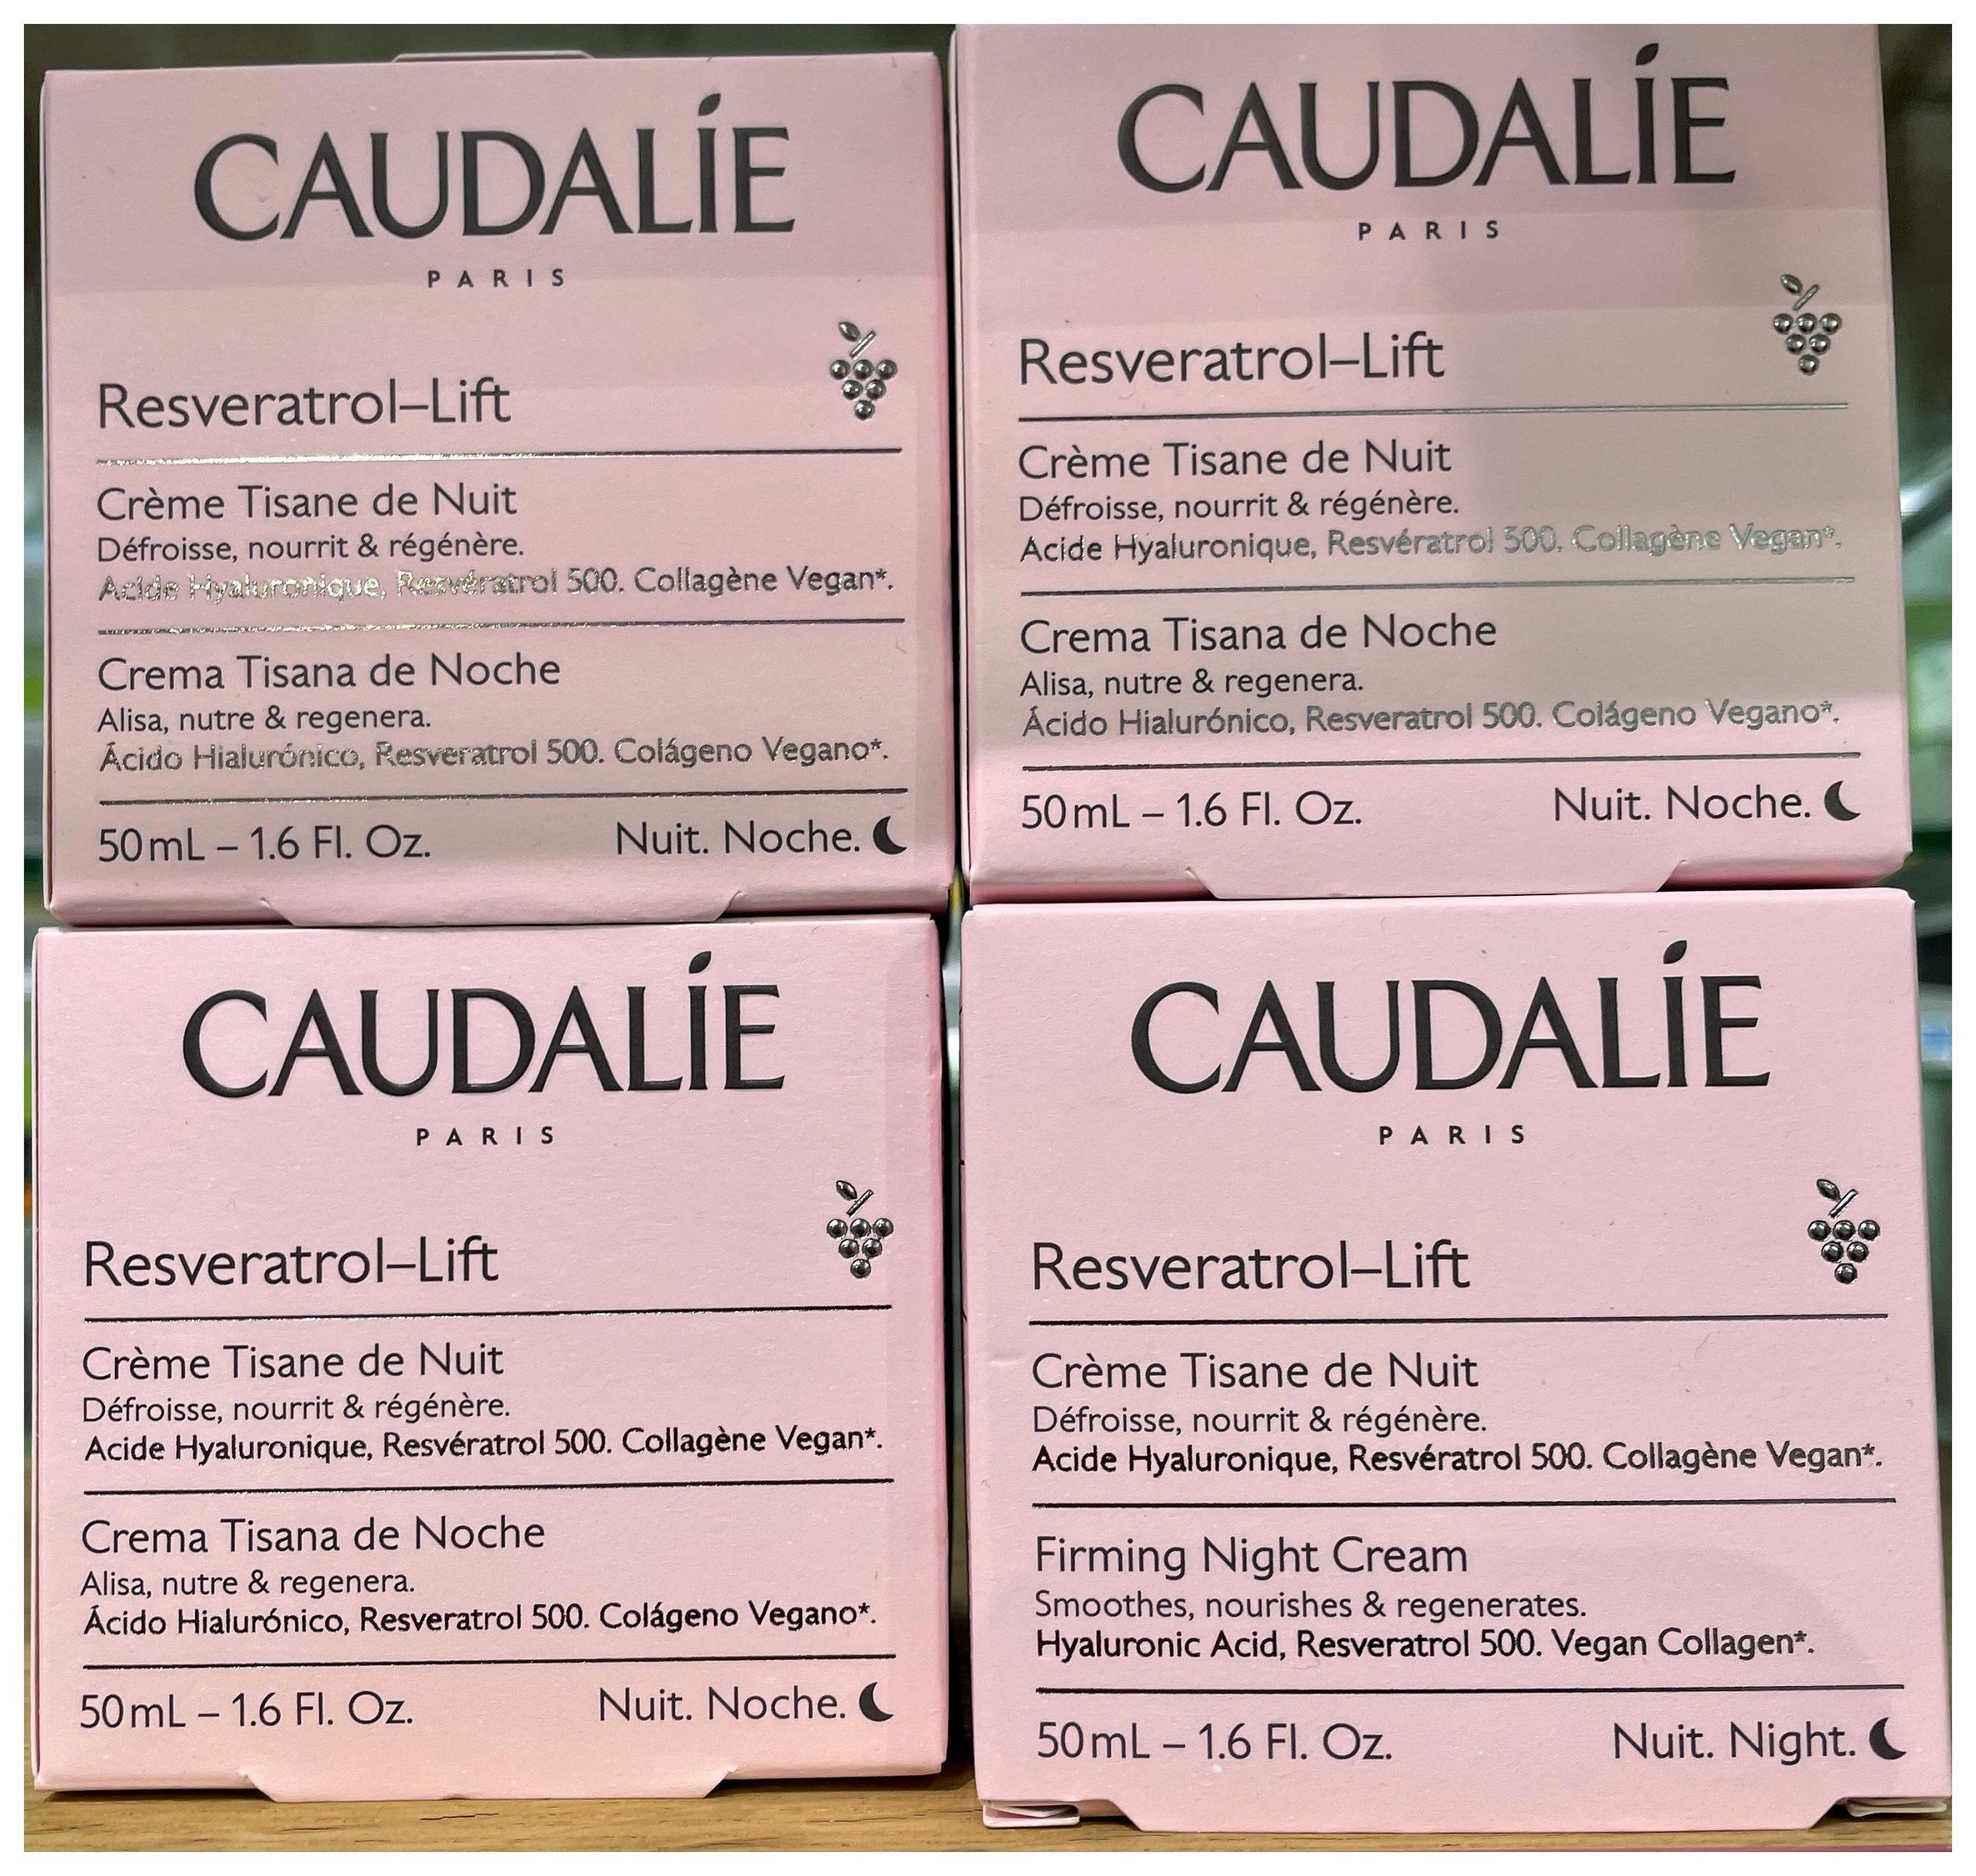 Crema Cachemir Redensificante Resveratrol-Lift | CAUDALIE Esta crema de día corrige las arrugas, reafirma y nutre visiblemente la piel